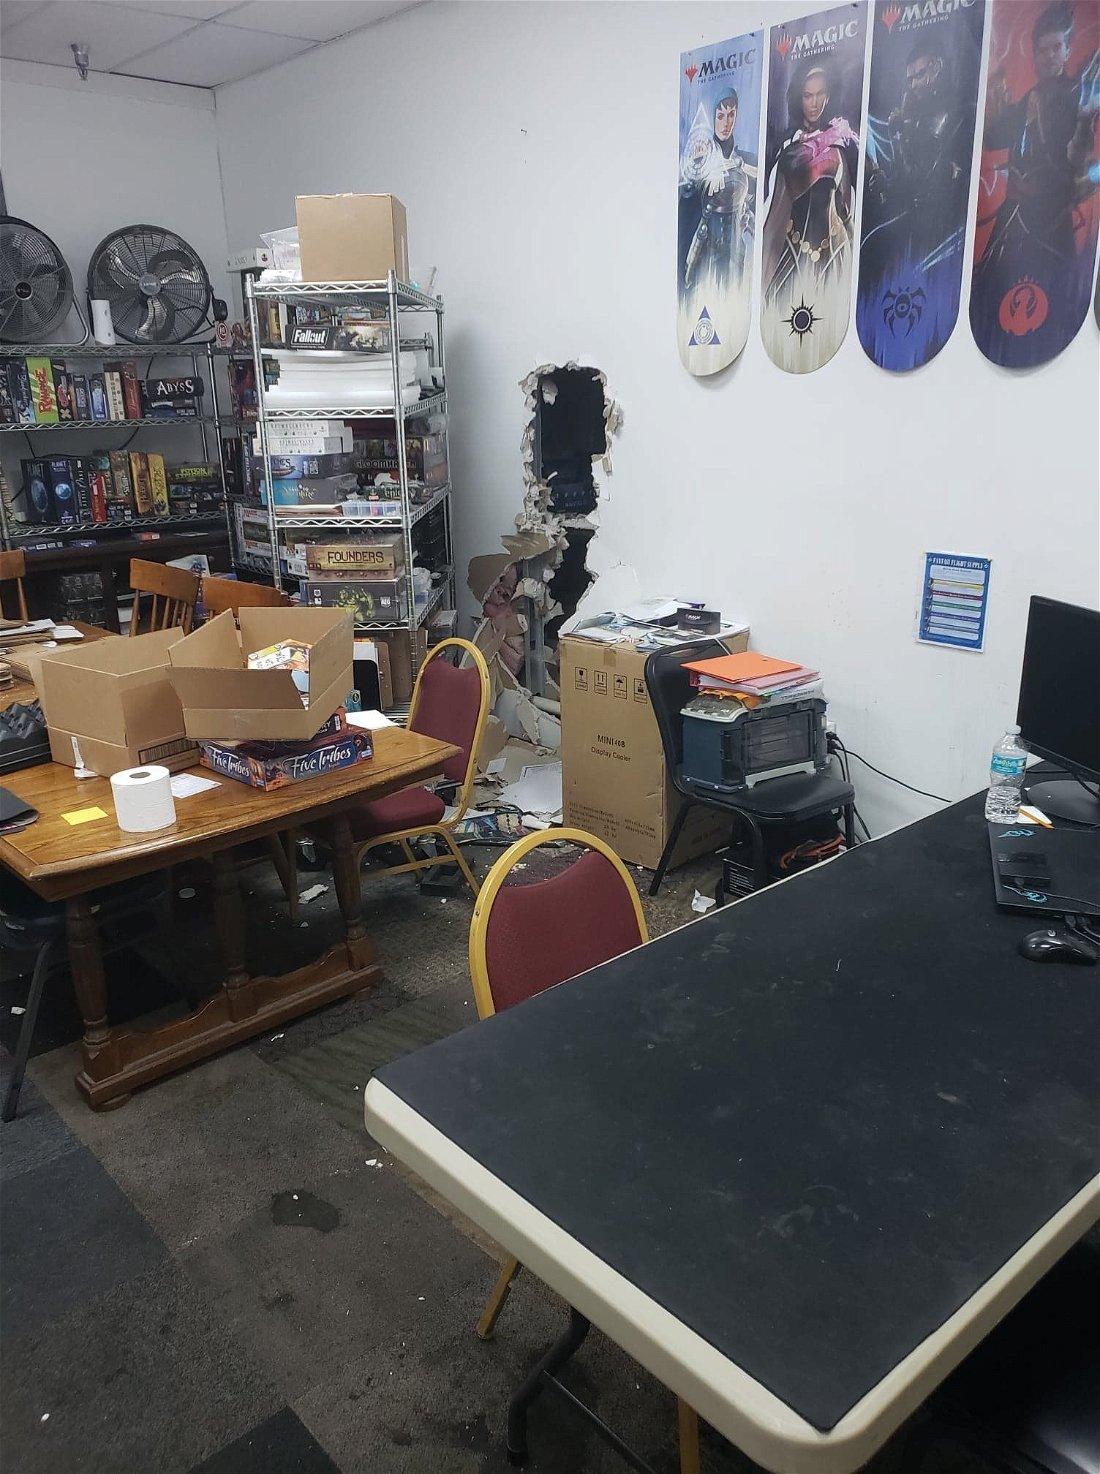 Ladrões roubam 40 mil reais em produtos de loja de Magic